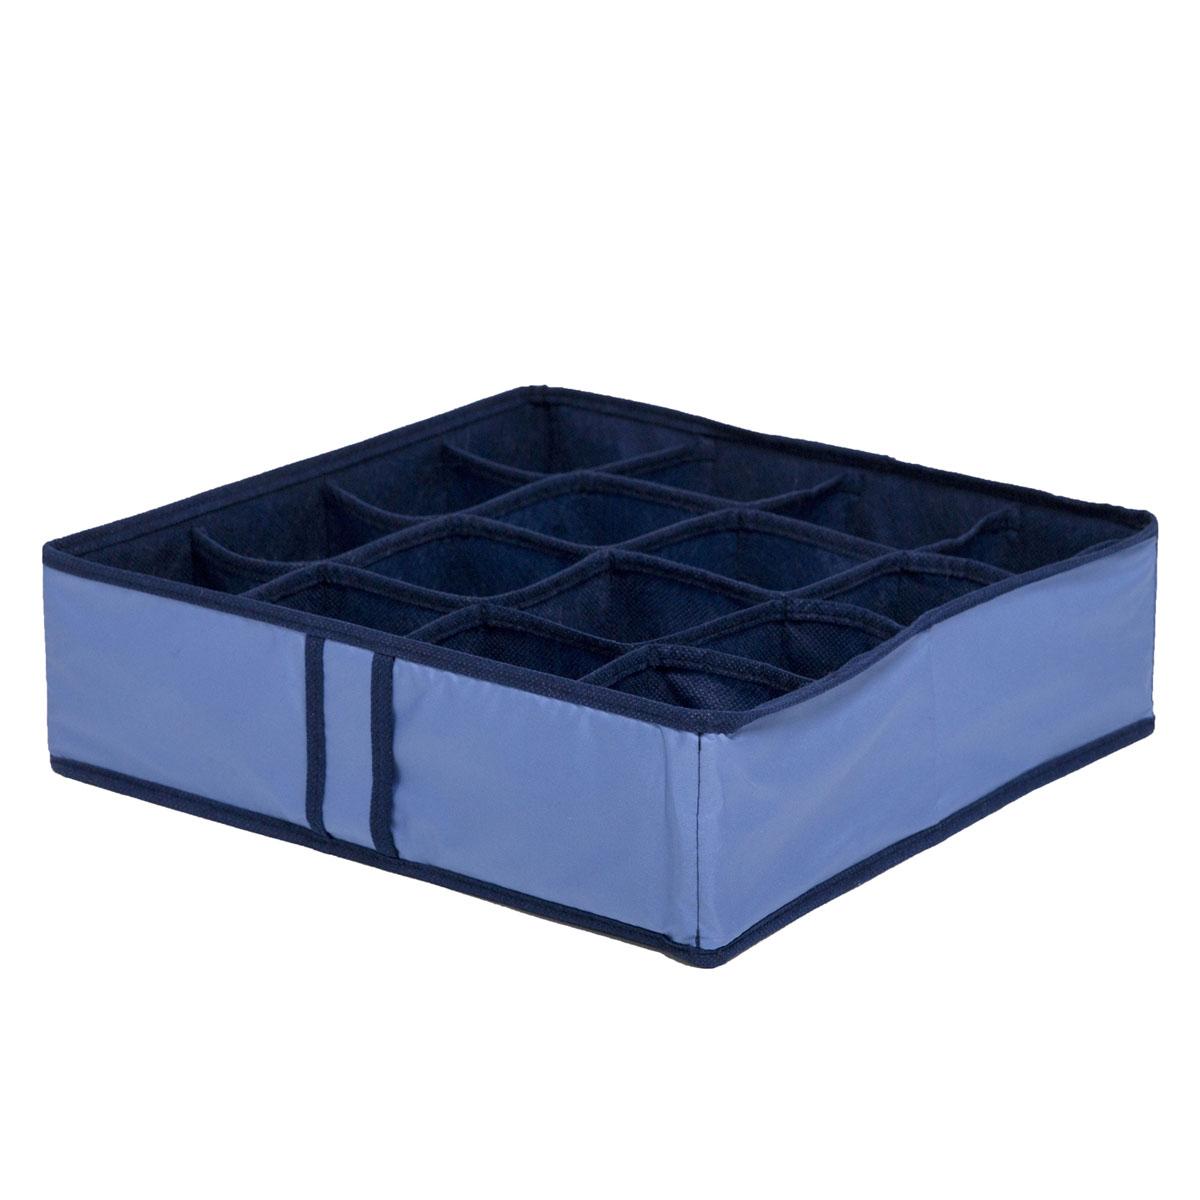 Органайзер для хранения вещей Homsu Bluе Sky, 16 секций, 35 x 35 x 10 смБрелок для ключейКомпактный органайзер Homsu Bluе Sky изготовлен из высококачественного полиэстера, который обеспечивает естественную вентиляцию. Материал позволяет воздуху свободно проникать внутрь, но не пропускает пыль. Органайзер отлично держит форму, благодаря вставкам из плотного картона. Изделие имеет 16 квадратных секций для хранения нижнего белья, колготок, носков и другой одежды.Такой органайзер позволит вам хранить вещи компактно и удобно.